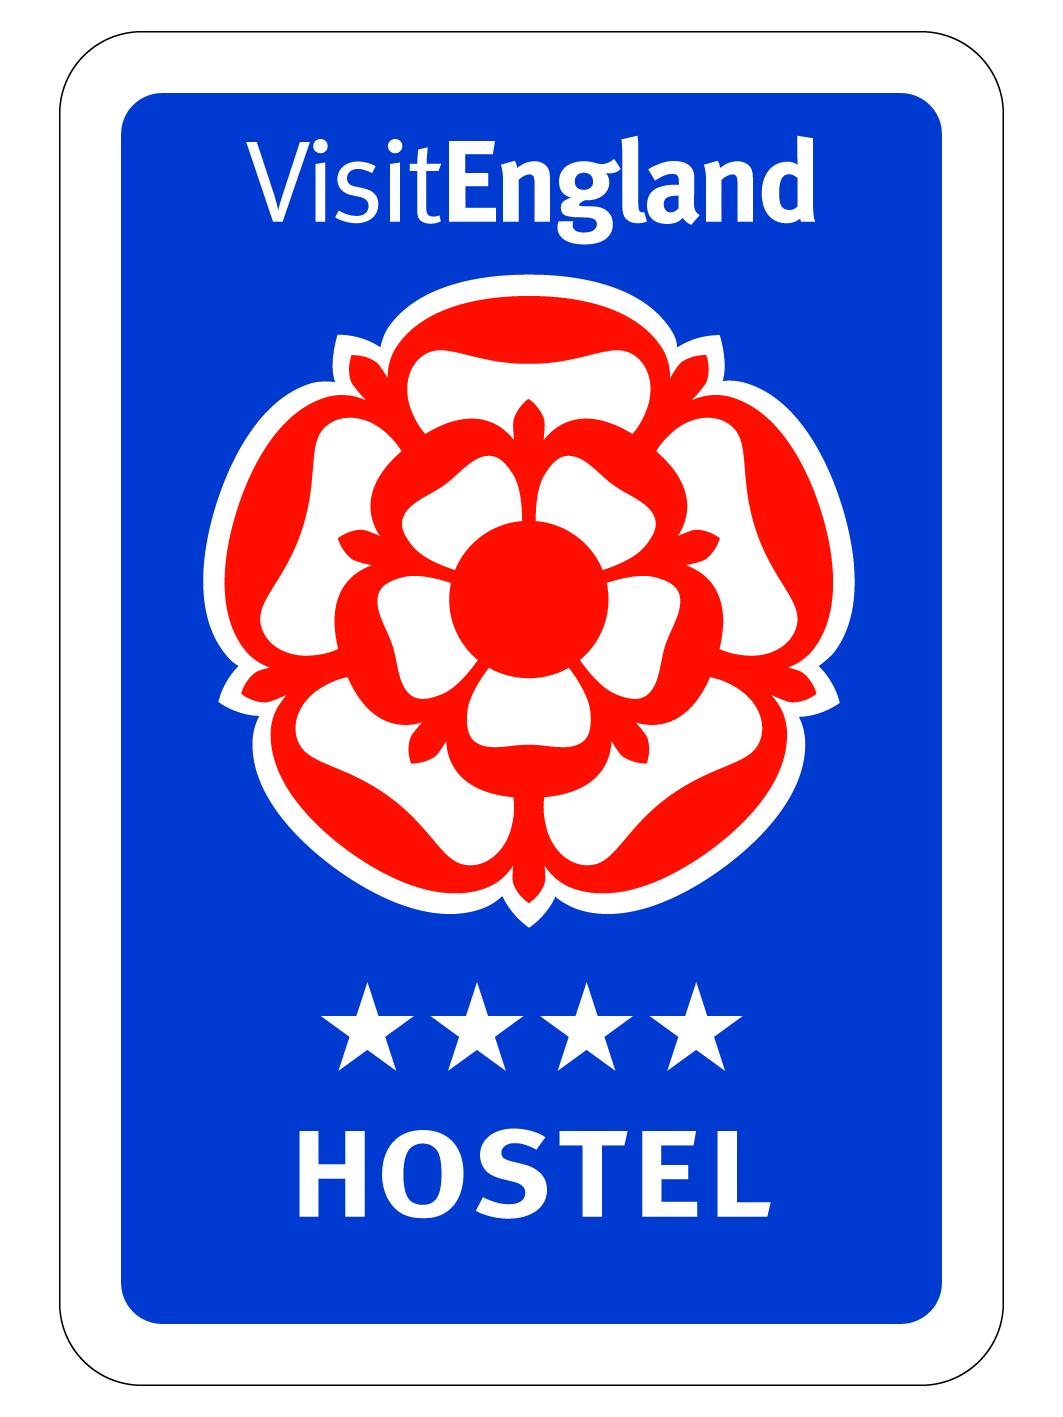 Visit England 4 STAR HOSTEL.jpg